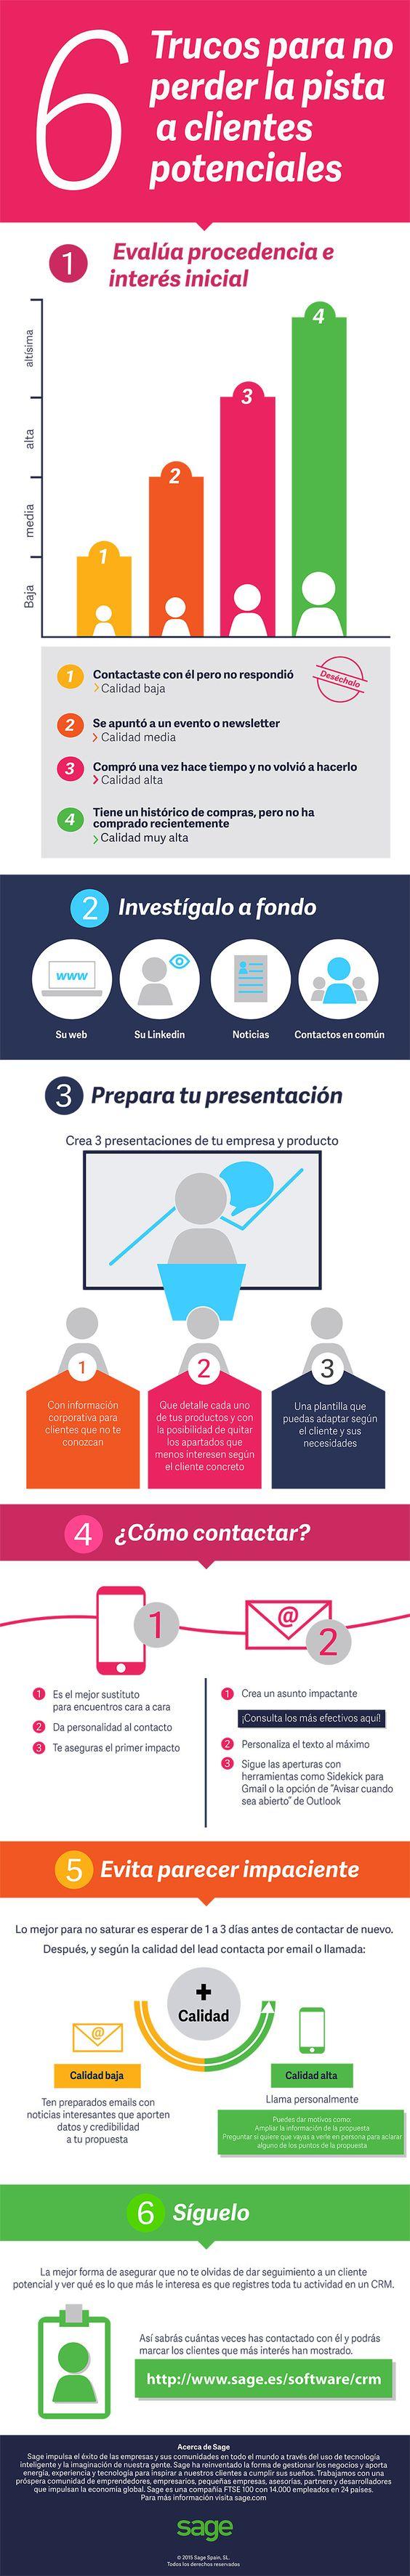 6 Trucos para no perder la pista a clientes potenciales #infografía #infographic #marketing